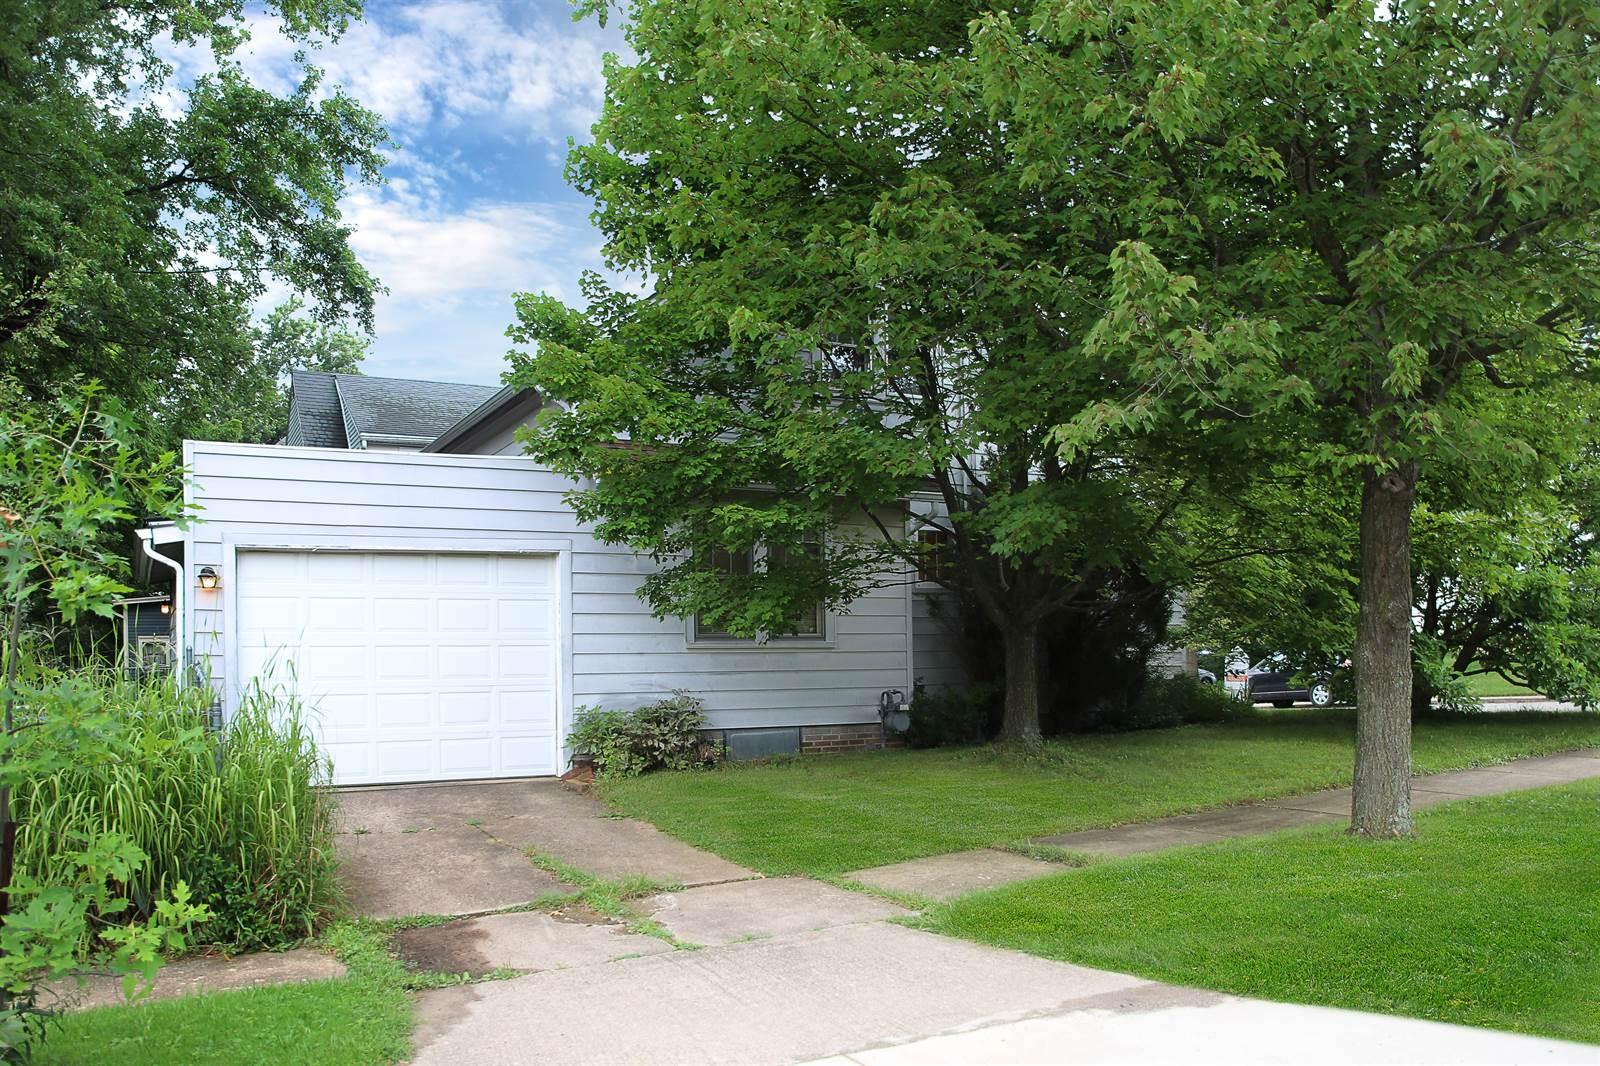 424 Sharp St, Ashland, OH 44805